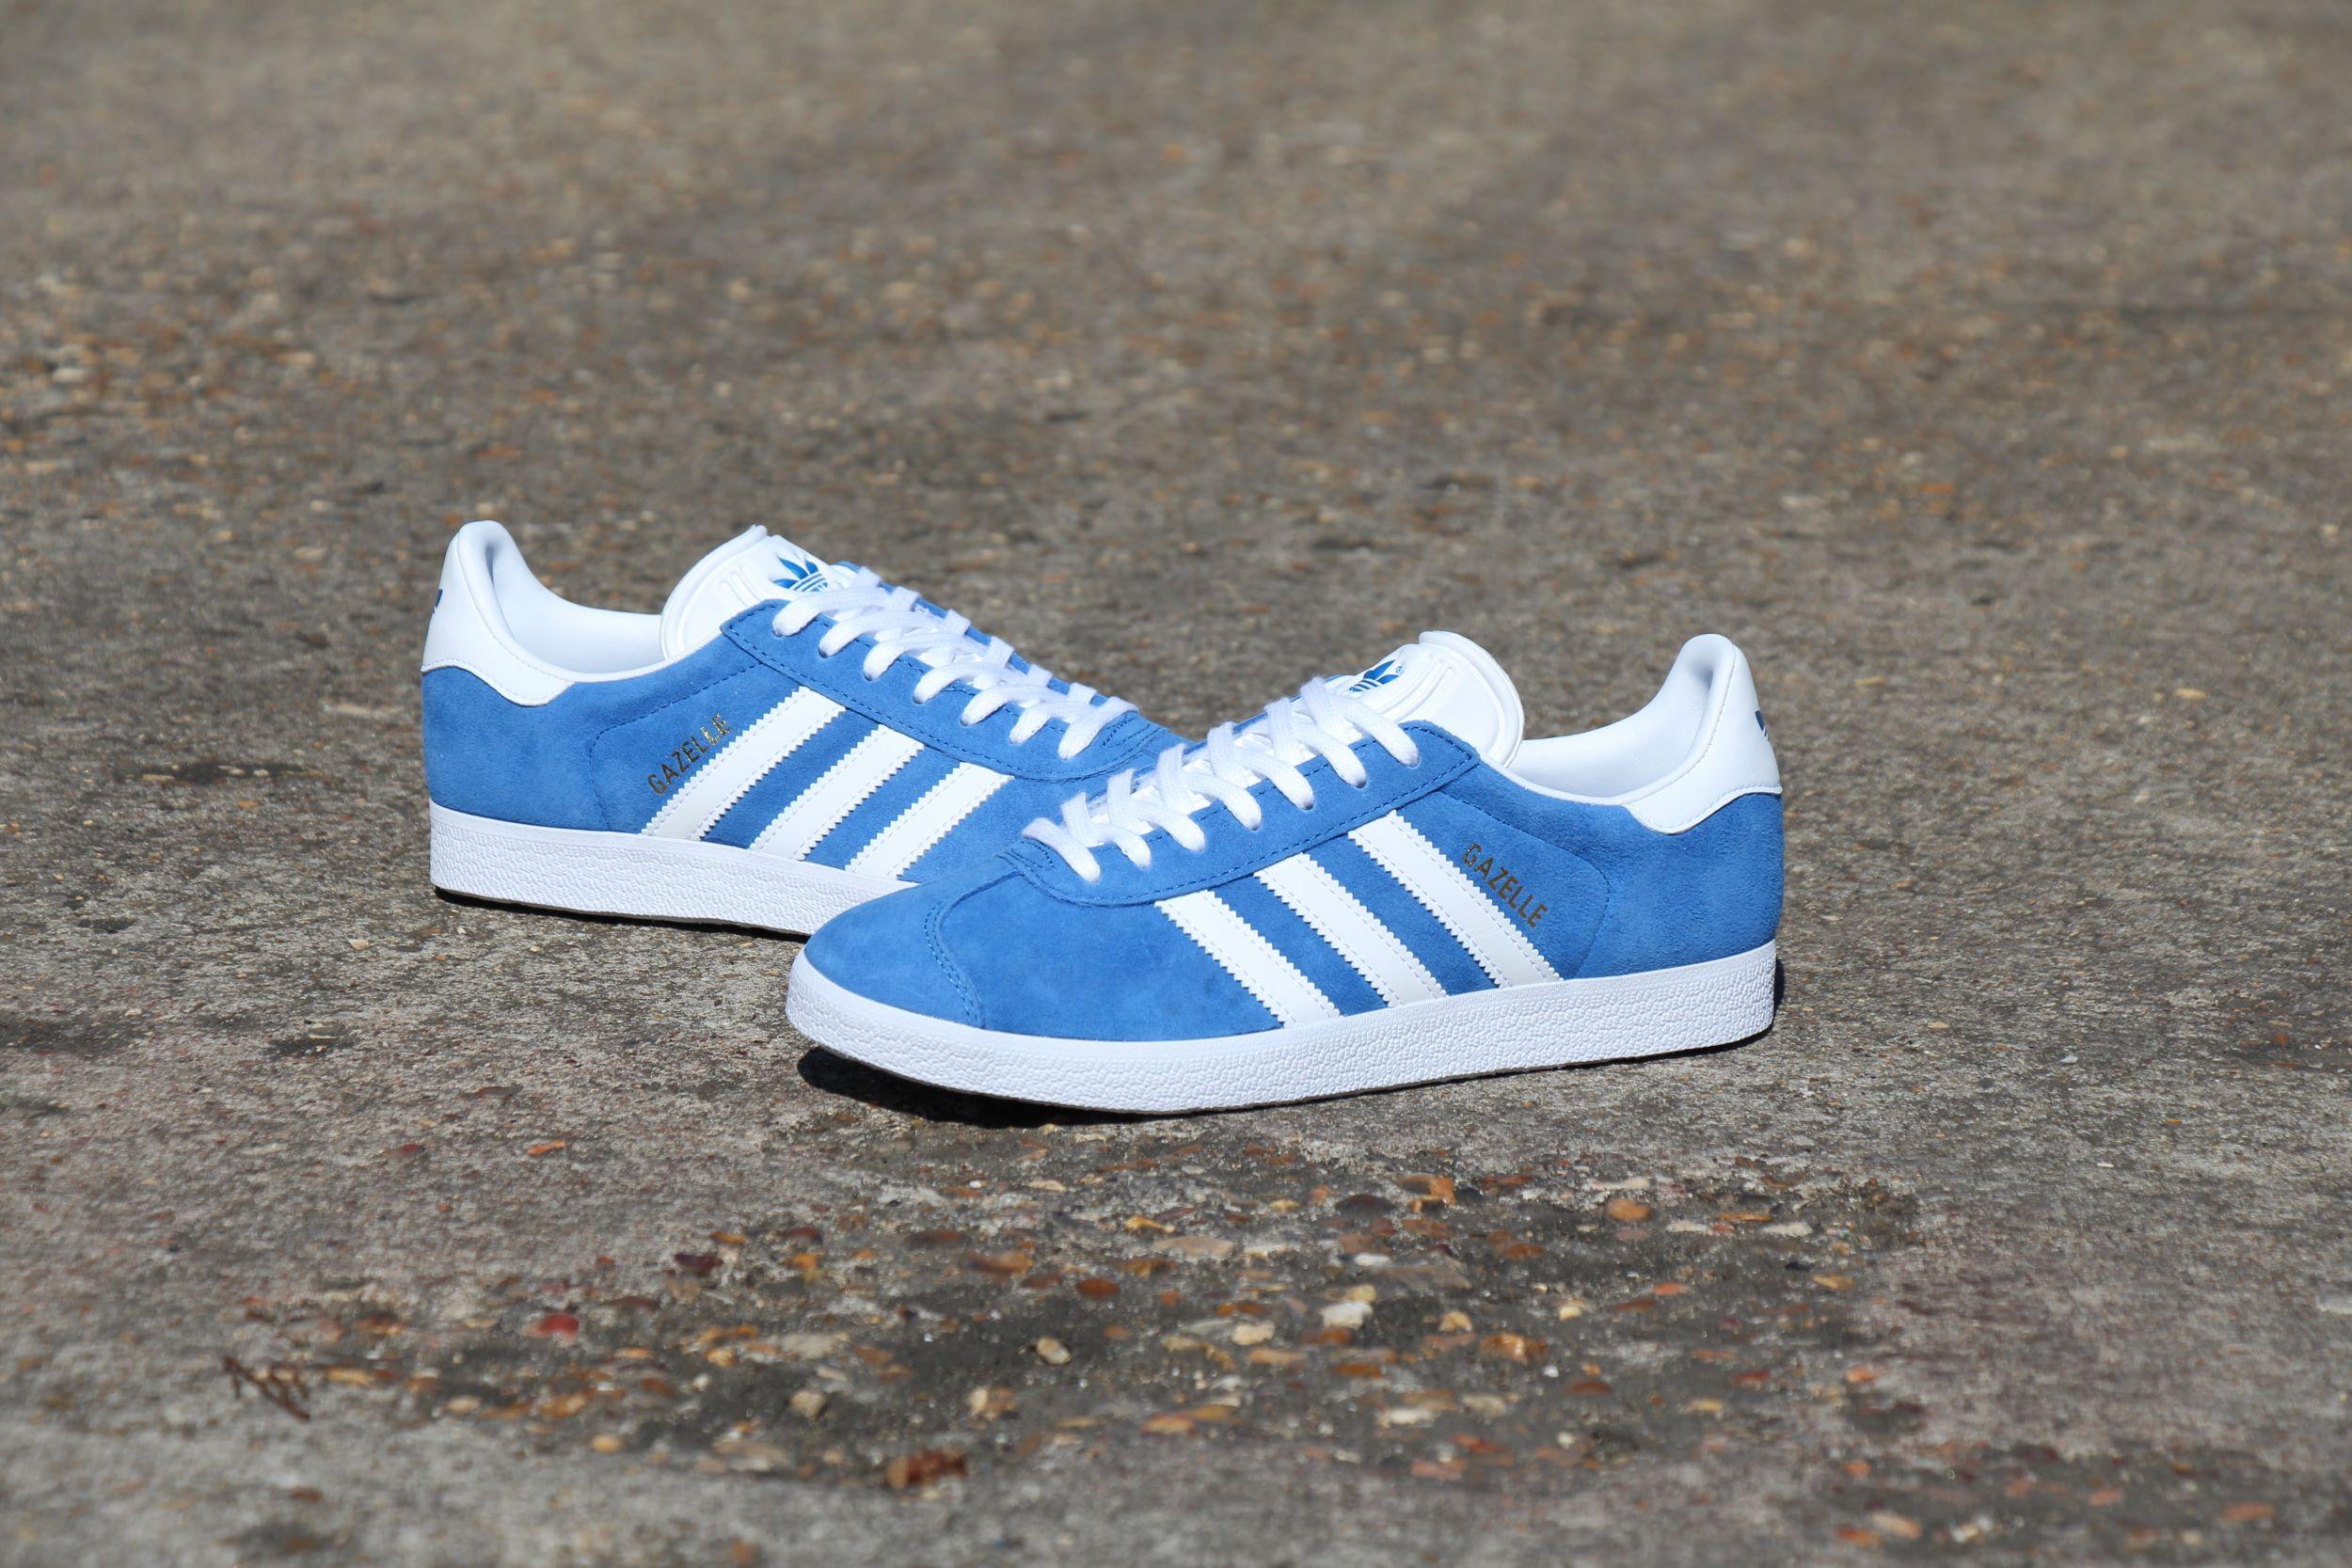 adidas Gazelle Bluebird